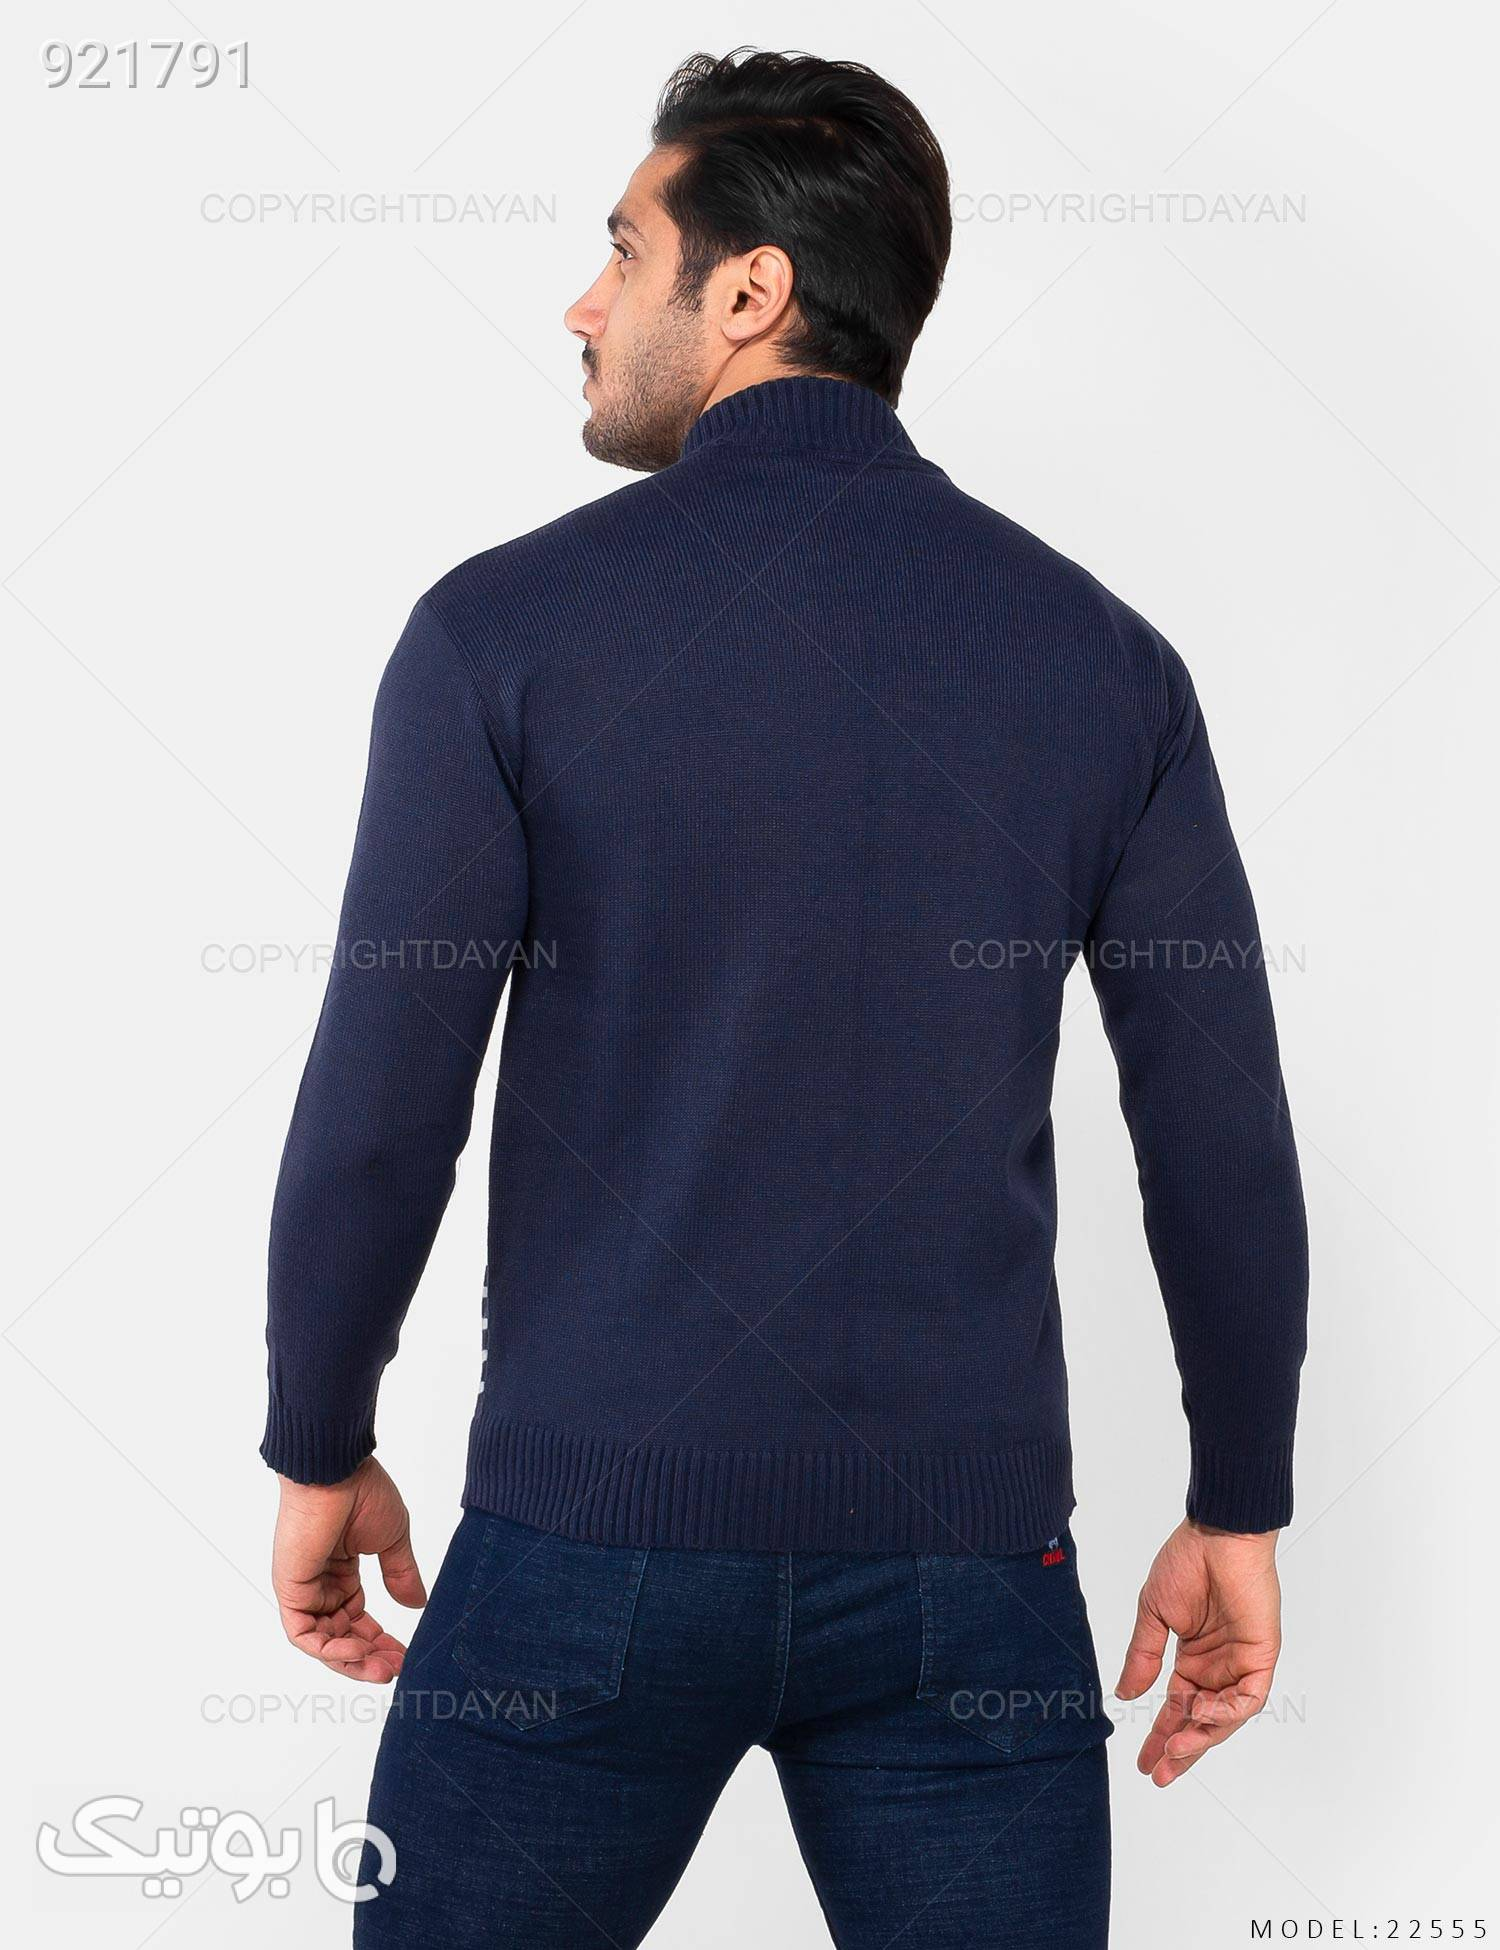 بافت مردانه Rayan مدل 22555 سورمه ای پليور و ژاکت مردانه